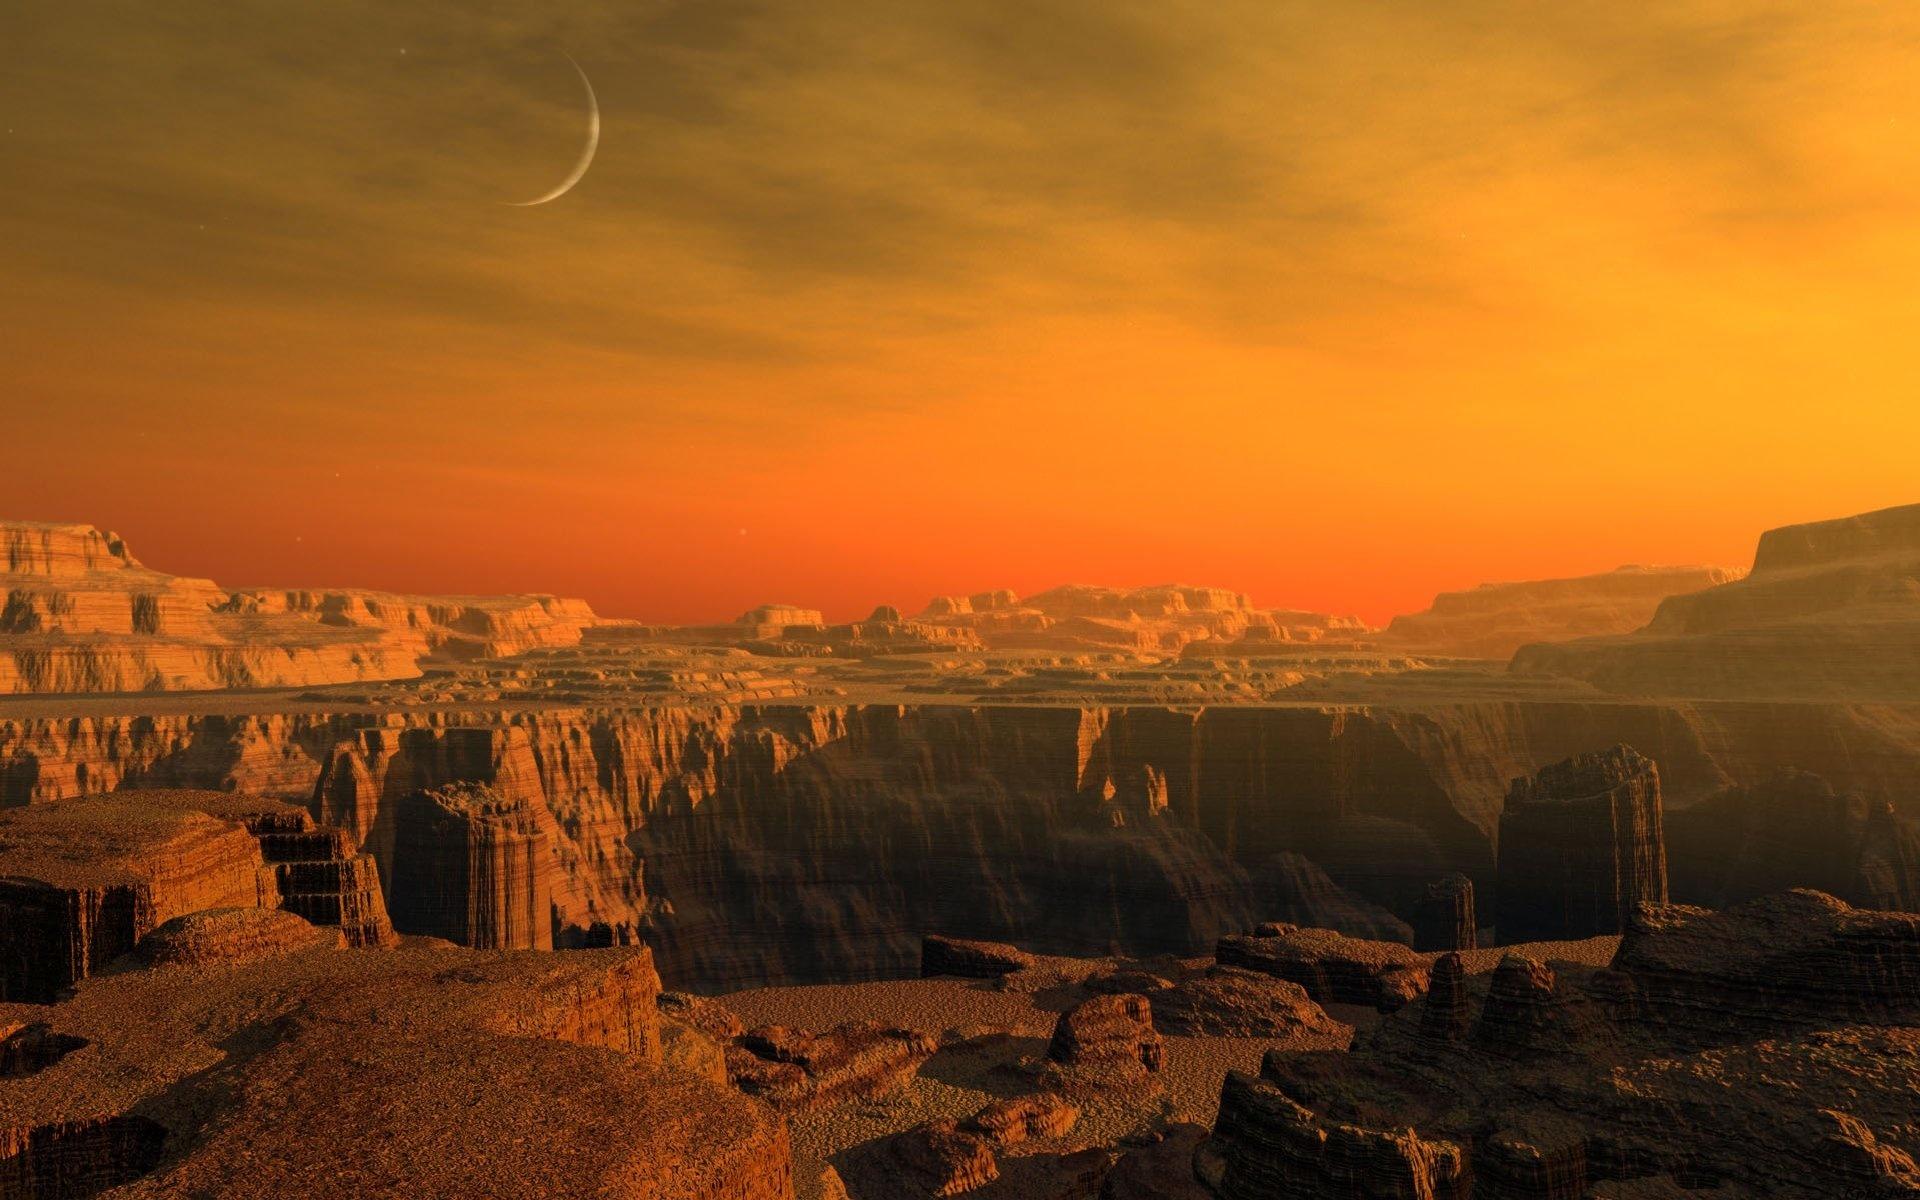 18588 скачать обои Пейзаж, Закат, Горы, Луна - заставки и картинки бесплатно